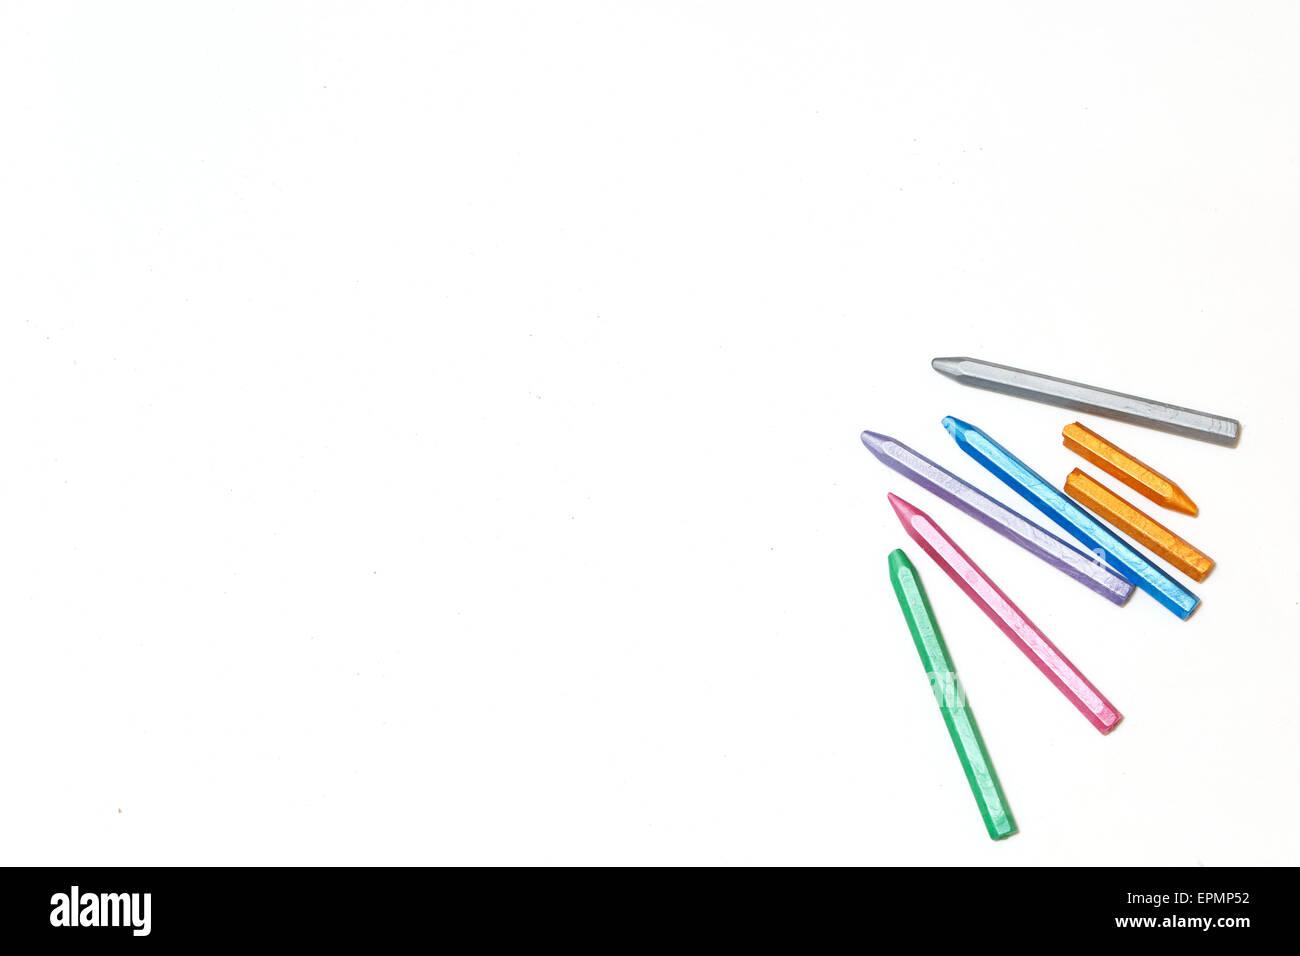 Crayons de couleur pastel sur une feuille de papier vierge. L'espace pour le texte. Le concept de design et de dessin. Banque D'Images